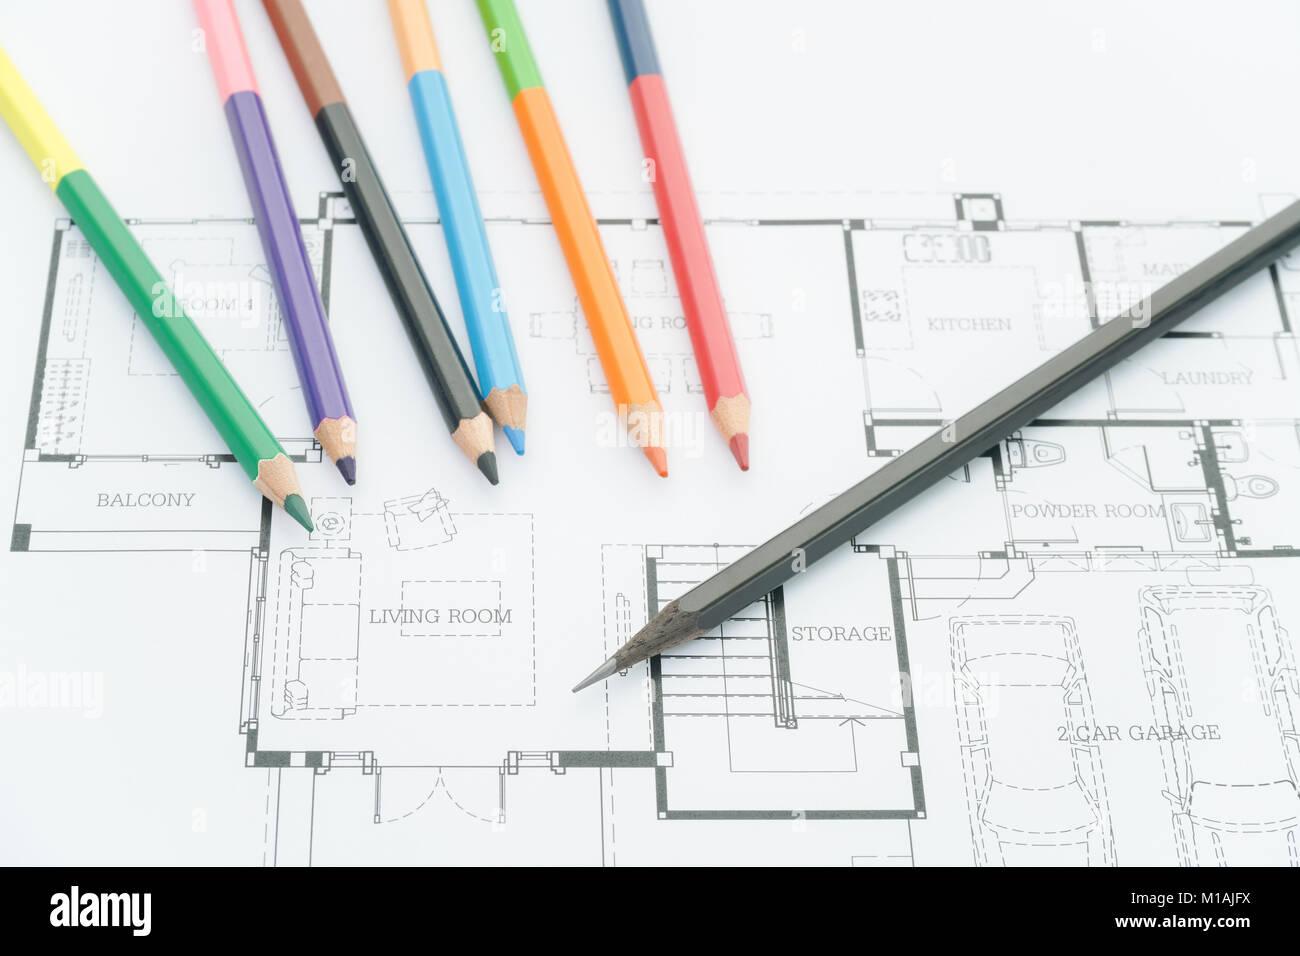 Architekten Arbeitsplatz   Architekturentwürfe, Architektonische  Zeichnungen Der Modernes Haus Mit Buntstifte. Stockbild